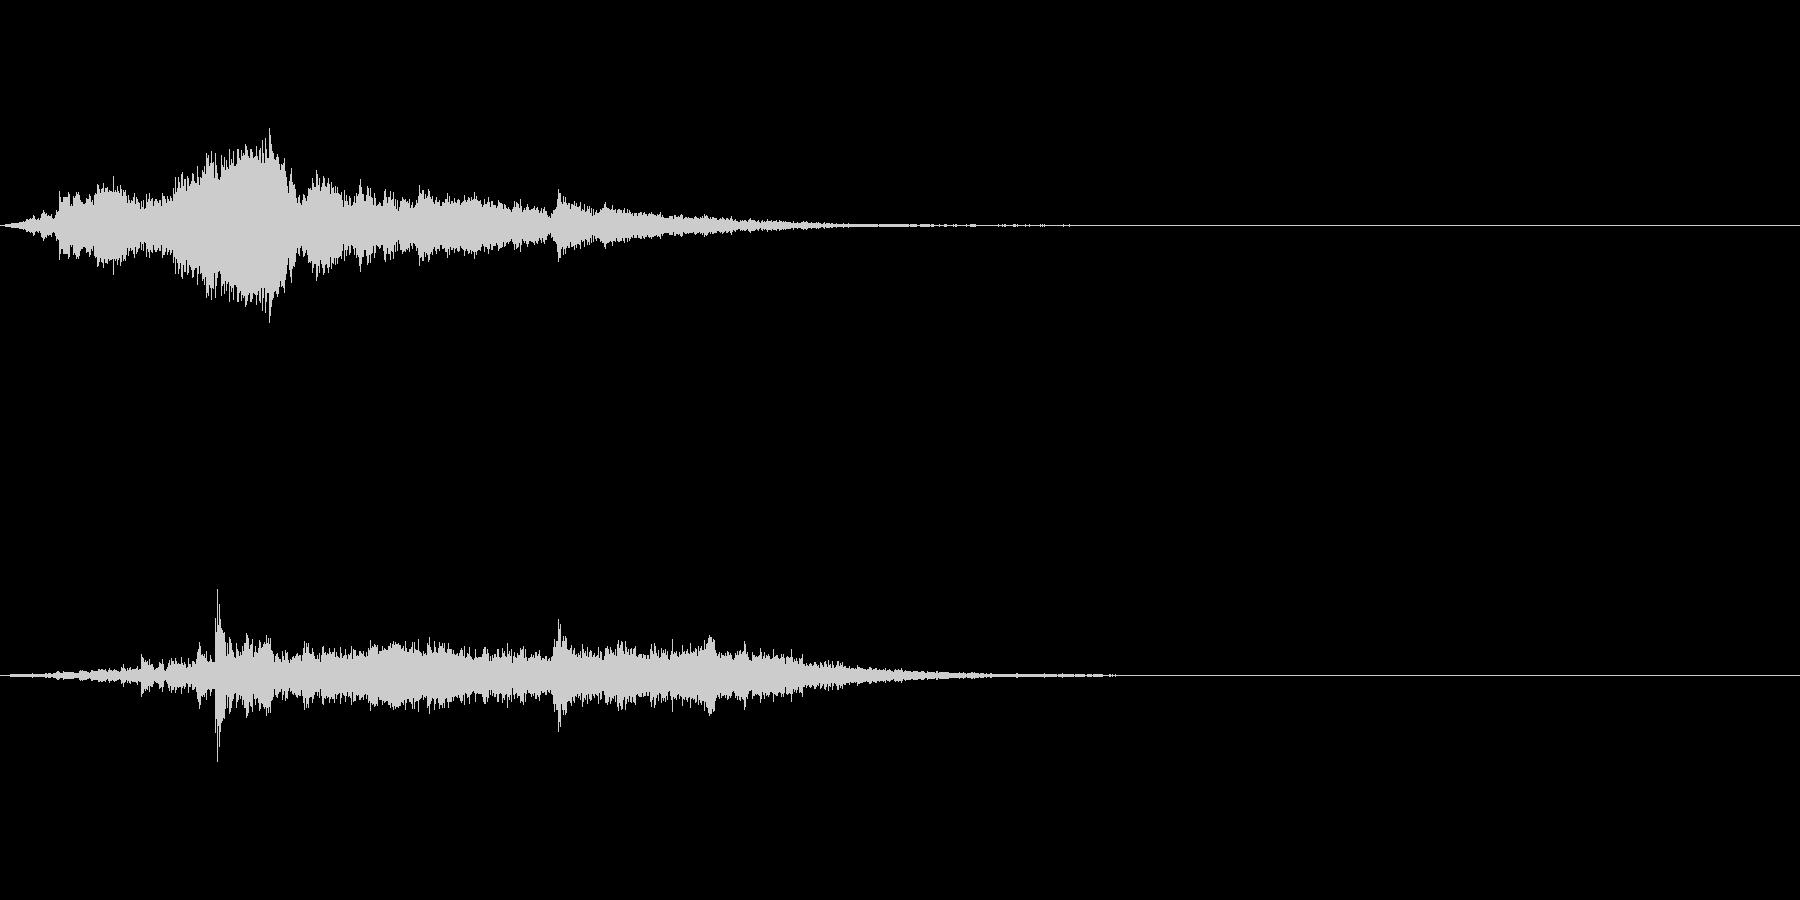 アイキャッチ 35の未再生の波形